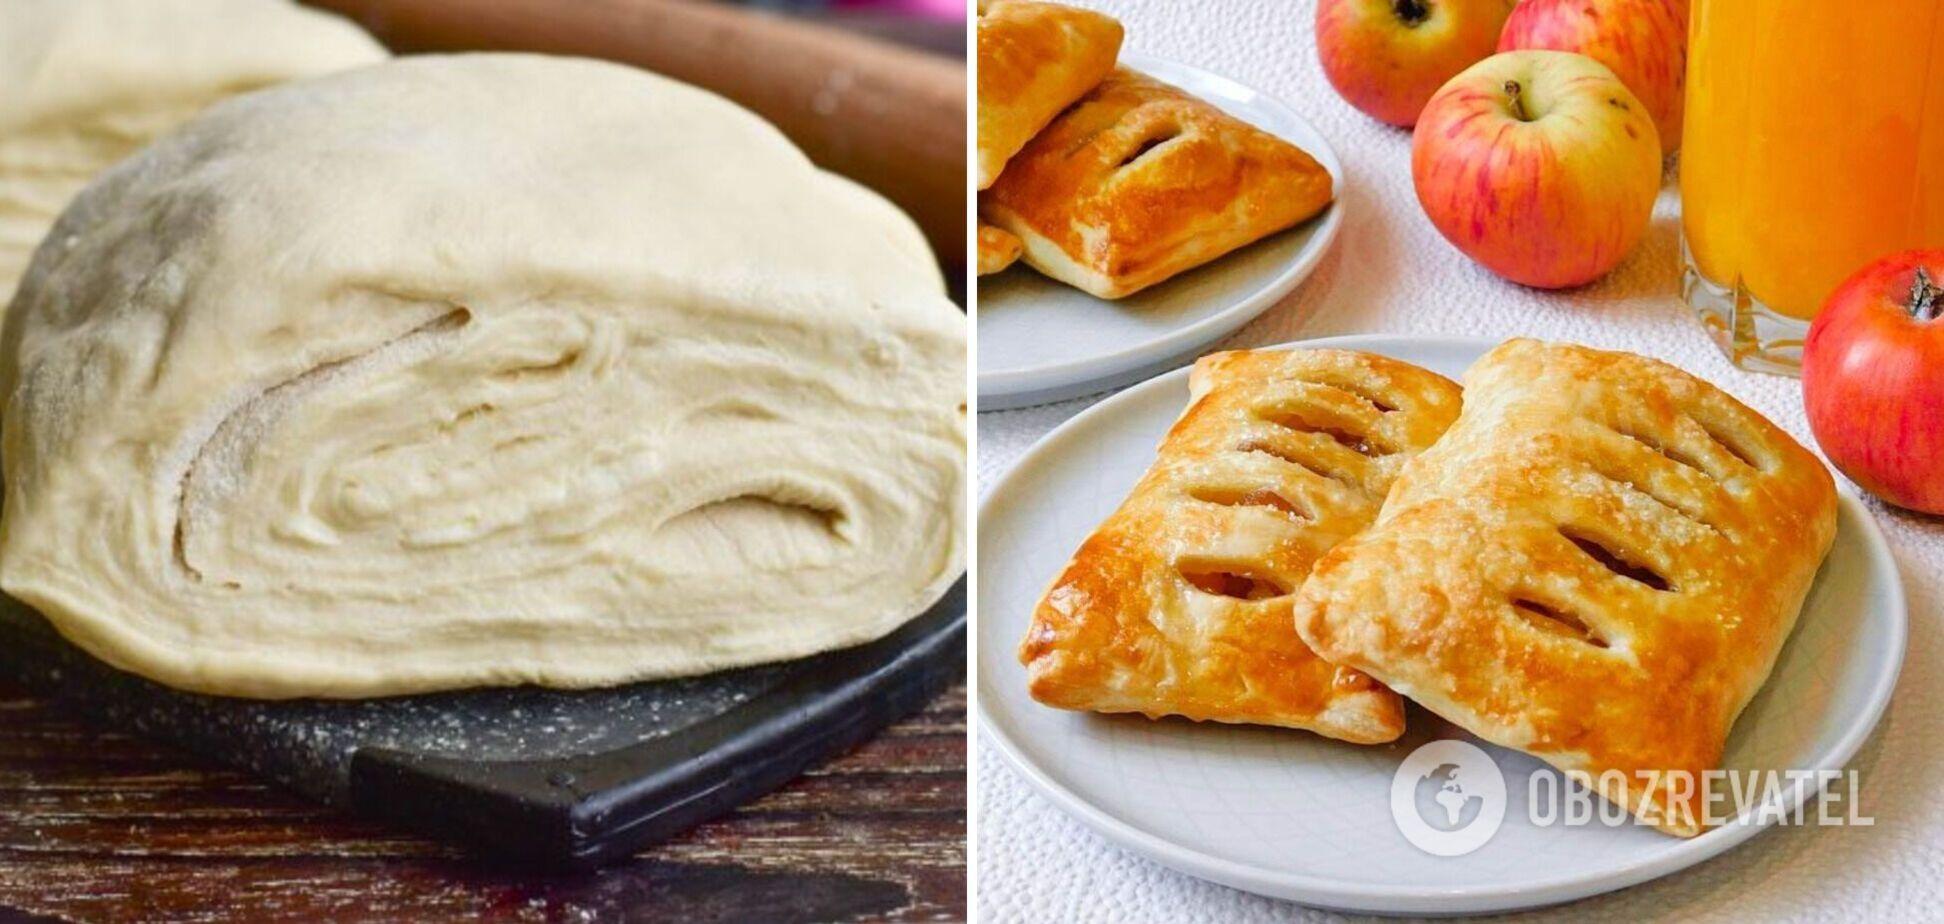 Как дома приготовить слоеное тесто